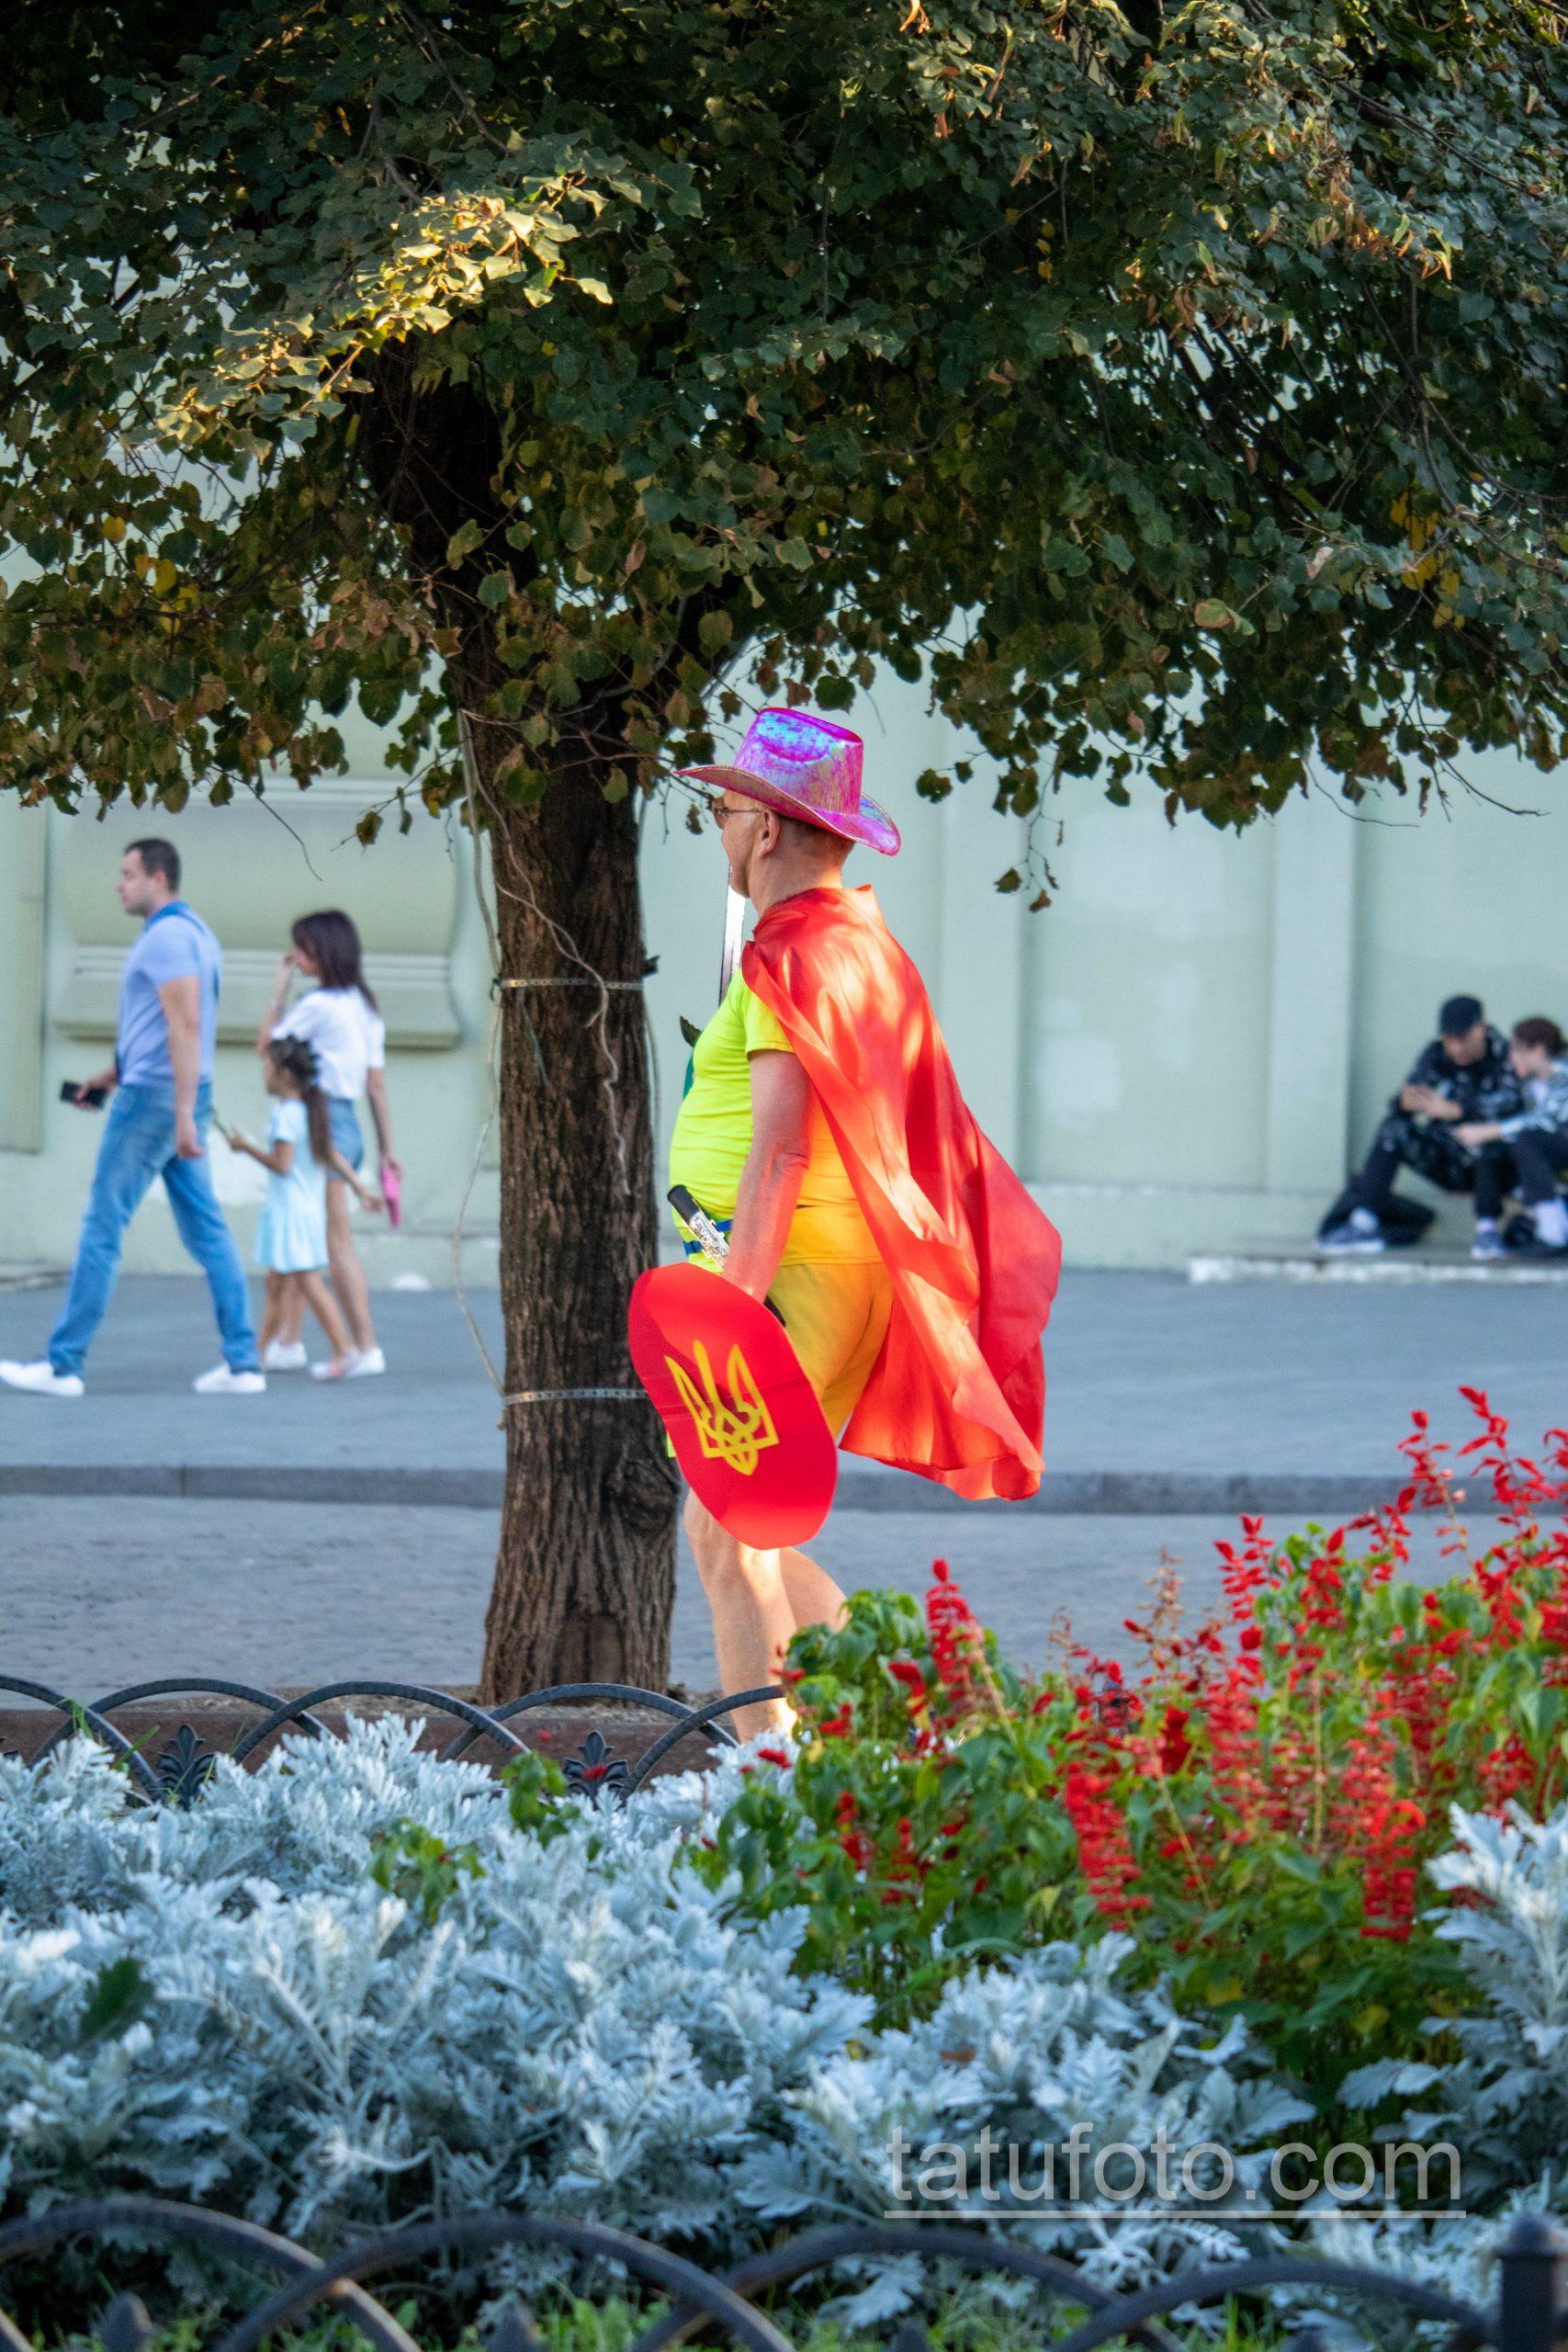 Фото мужчины в костюме героя с плащом и мечем – щитом с украинским гербом – Уличная татуировка 14.09.2020 – tatufoto.com 4